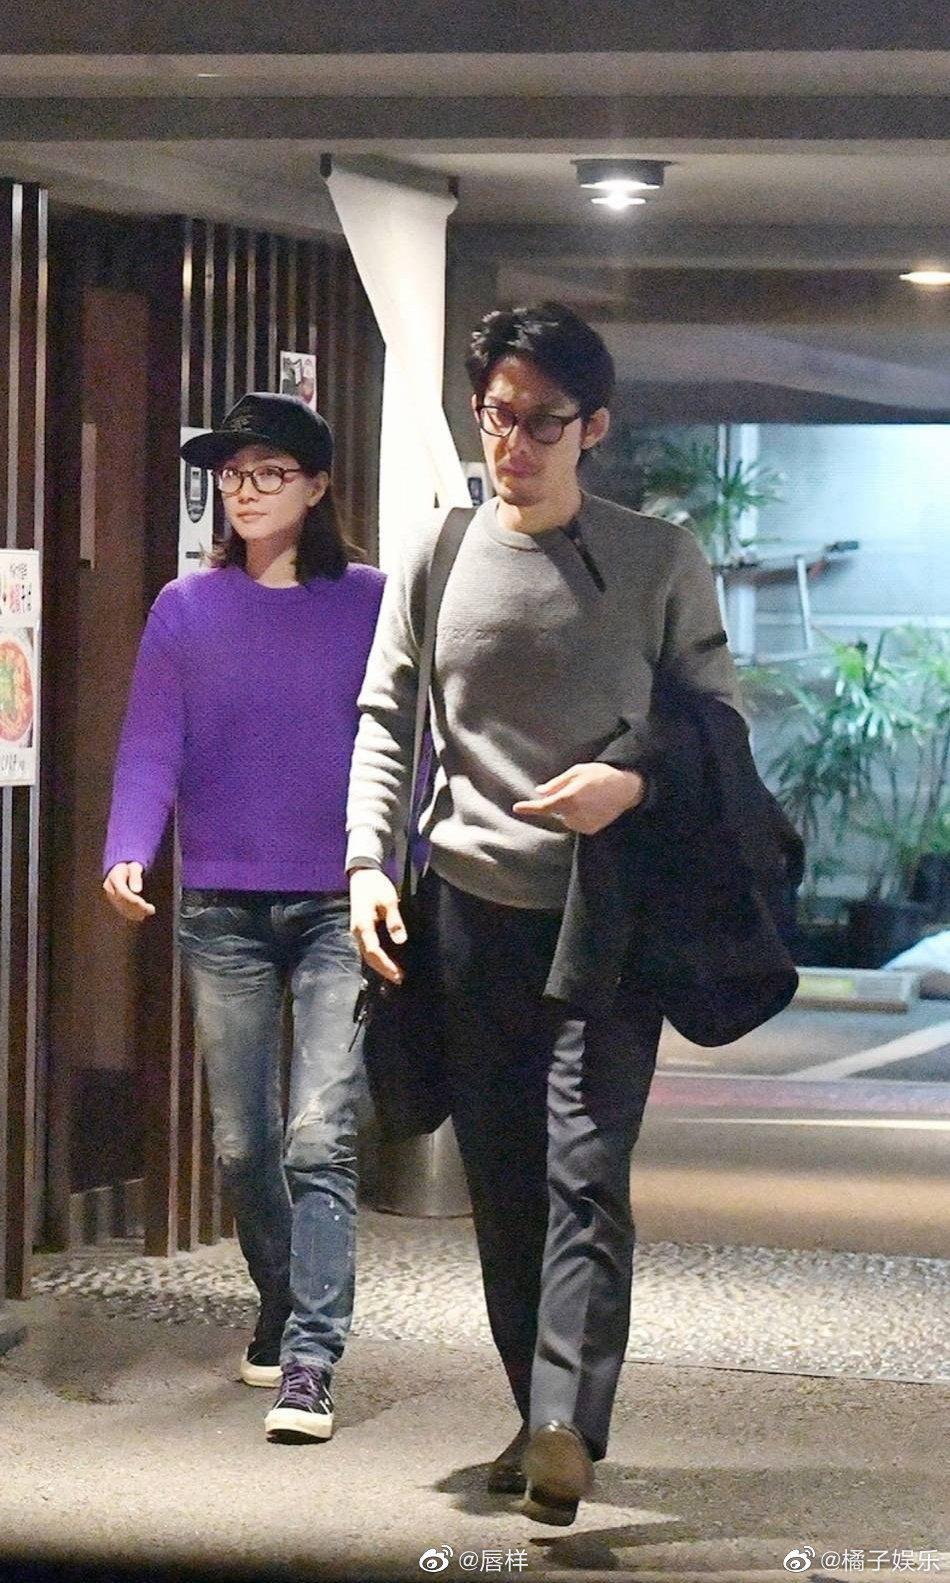 柏原崇和内田有纪被日媒拍到外出约会了